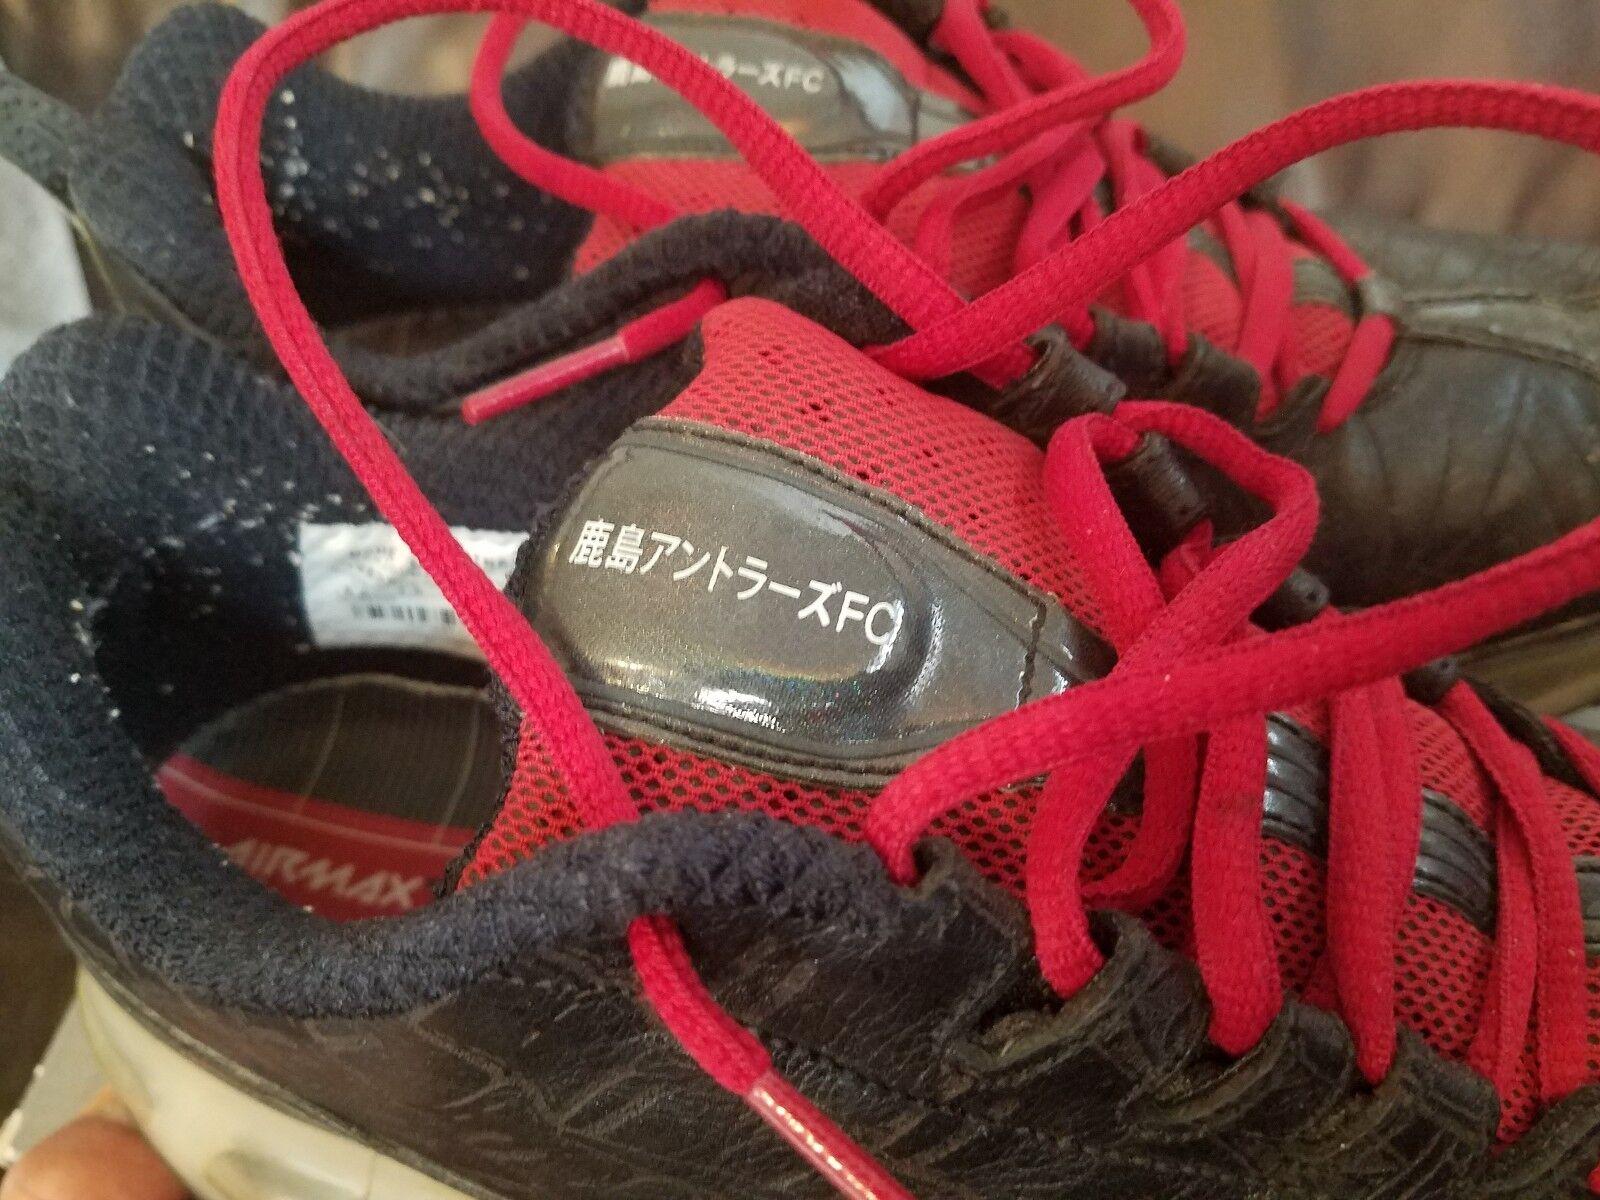 2006 nike air max bois 360 prime kashima bois max taille 8,5 patch volt japon nws qs 259ab7